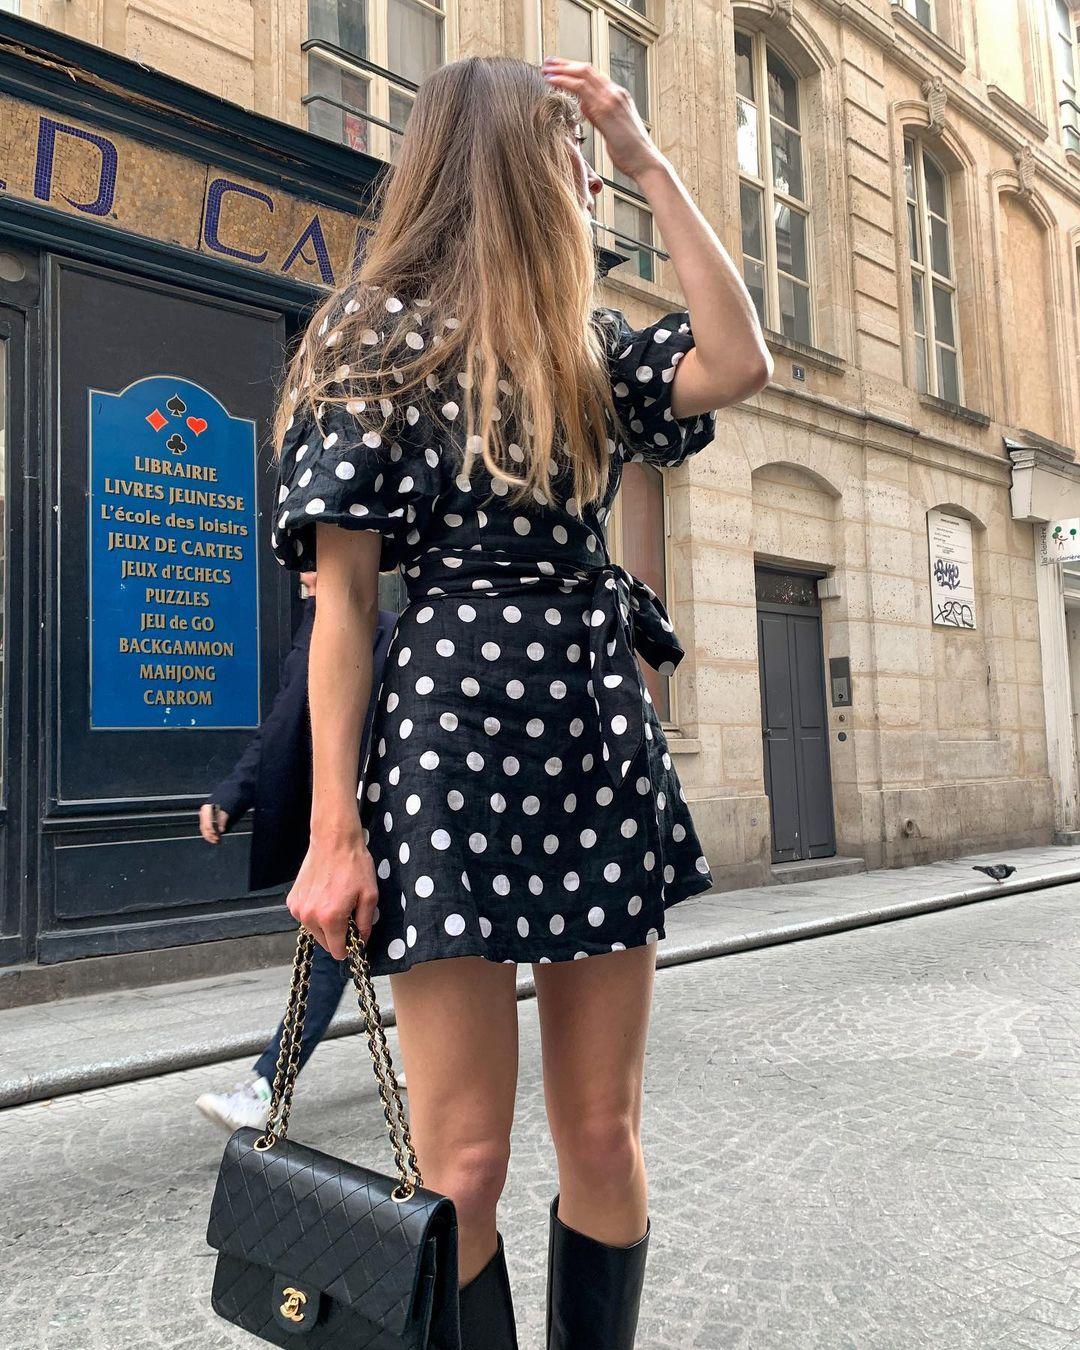 5 mẫu váy gái Pháp đang diện Xuân - Hè nhiều nhất: Kiểu nào mặc lên cũng 'auto' trẻ, xinh 006